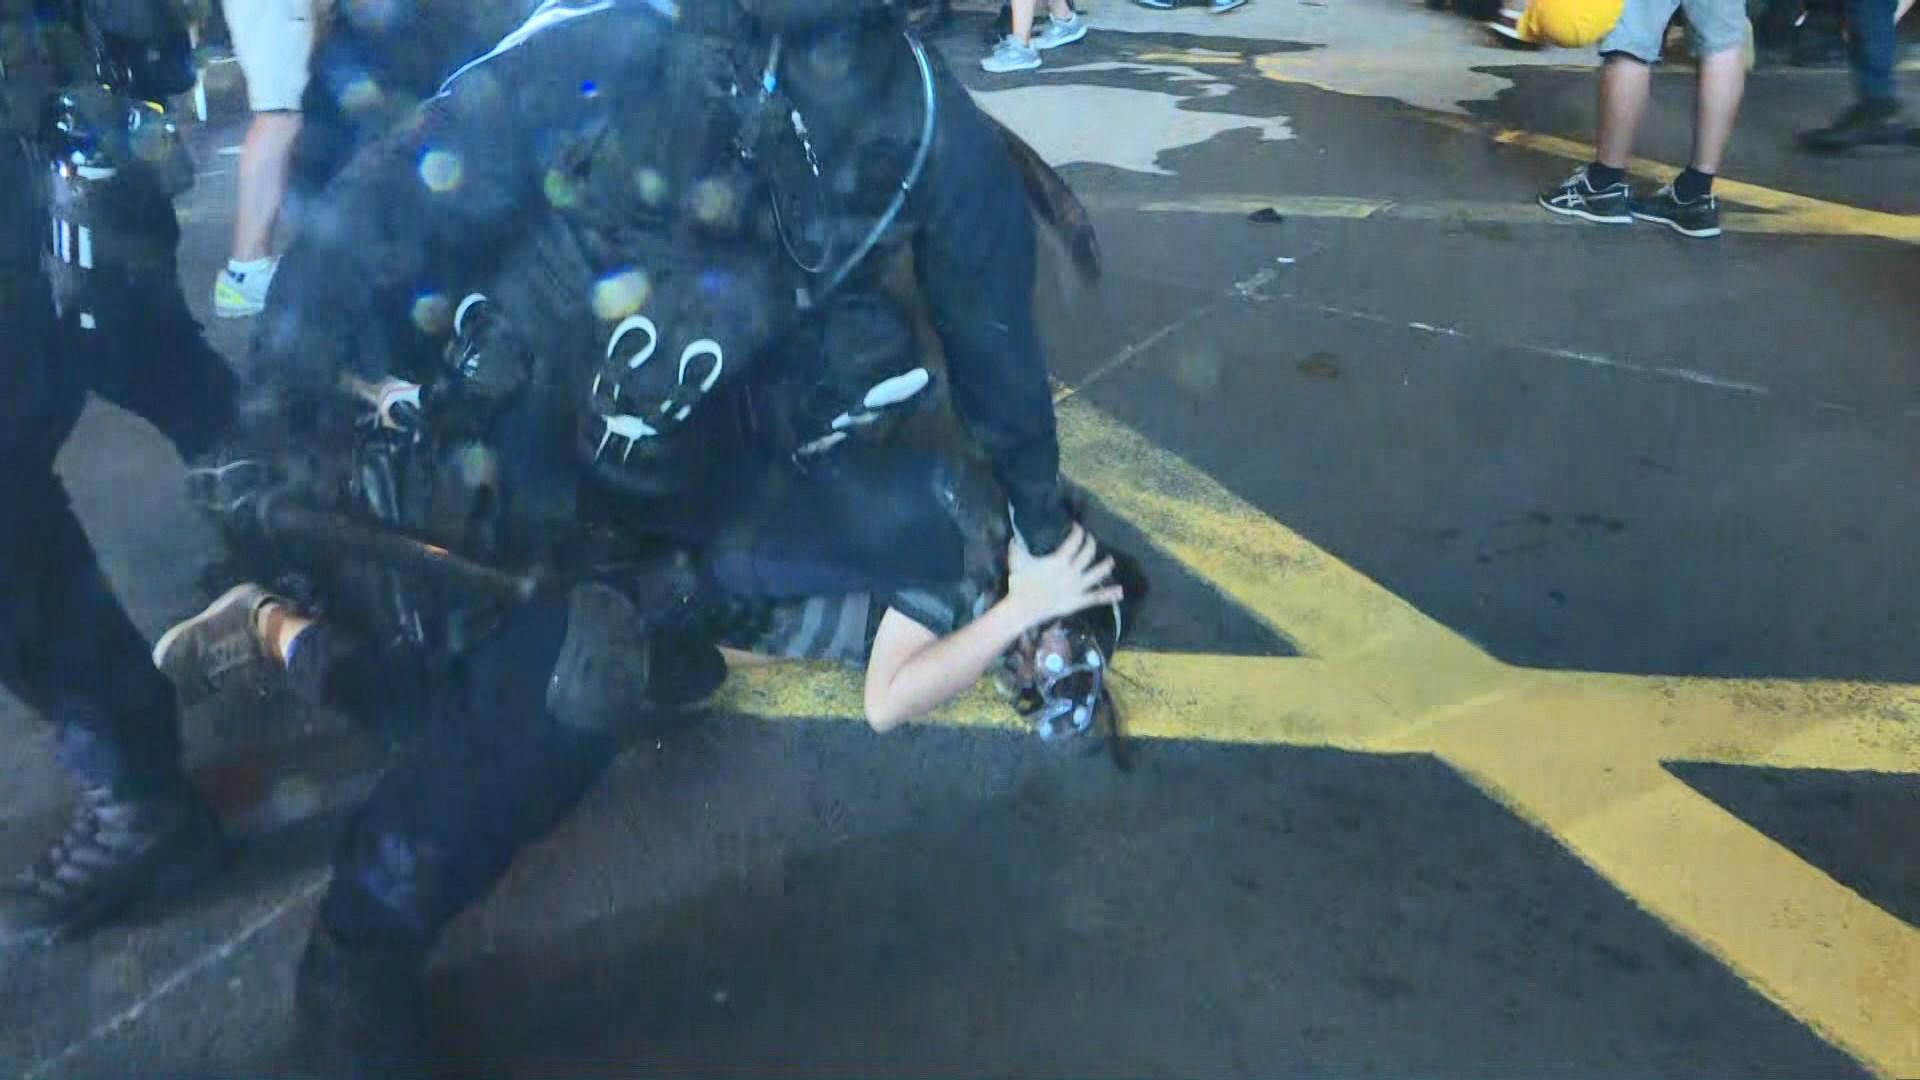 警方在旺角施放催淚彈清場 制服多名示威者